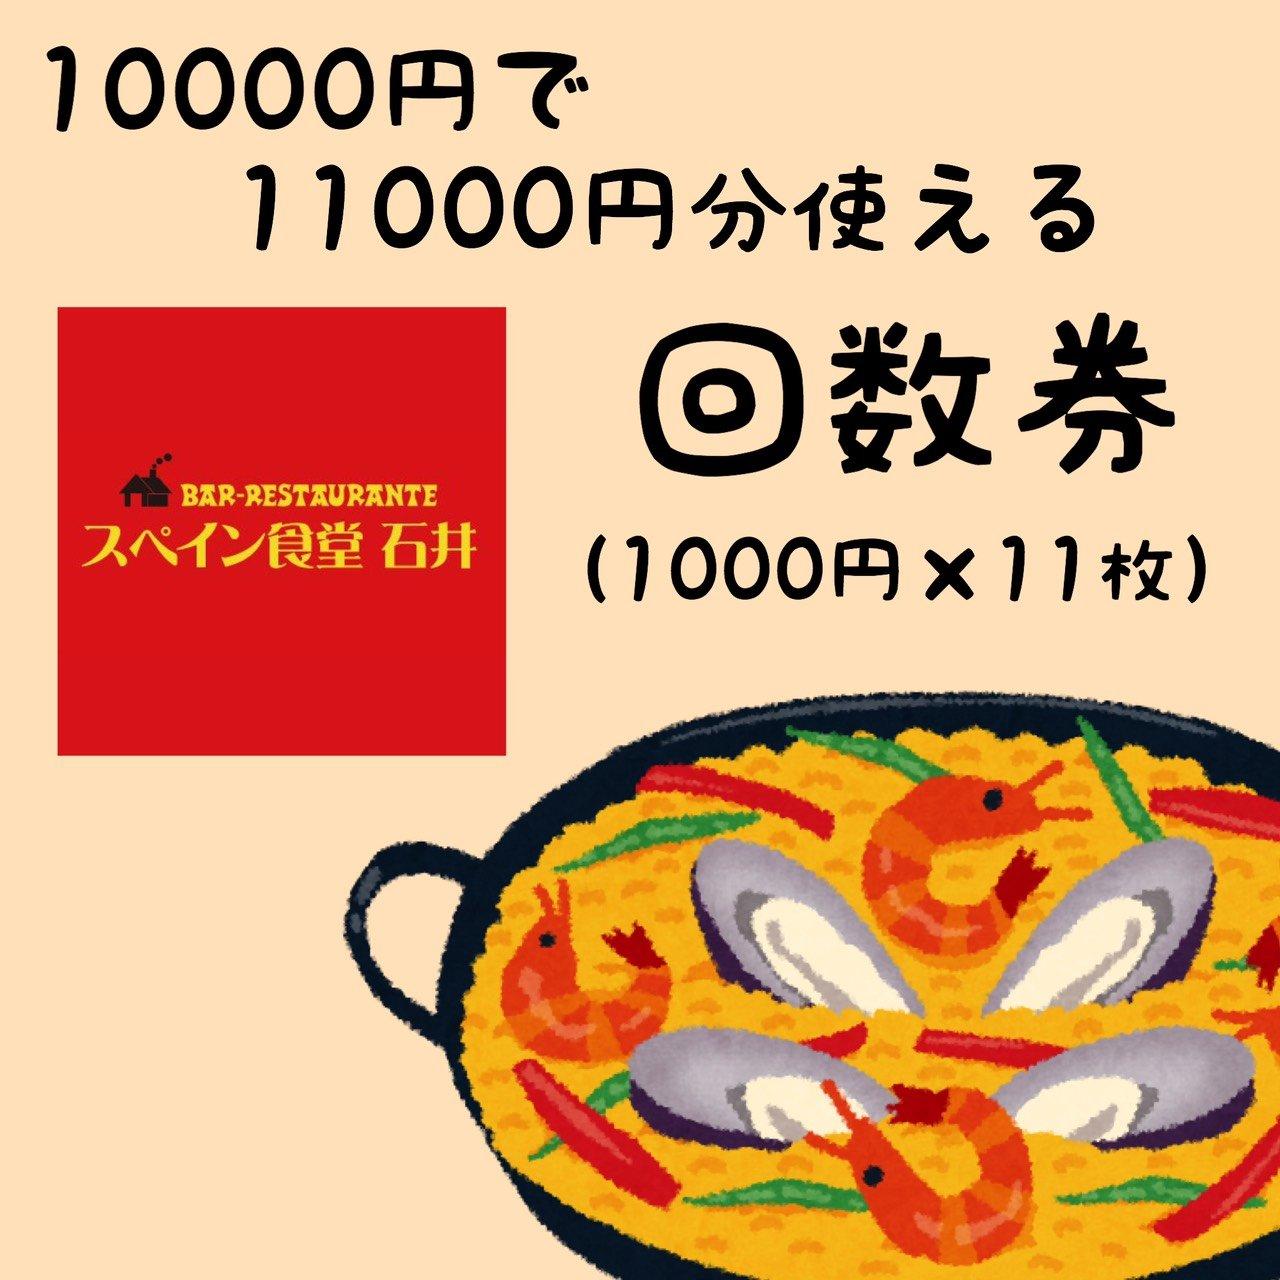 【テイクアウト用】11000円分利用できる回数券のイメージその1